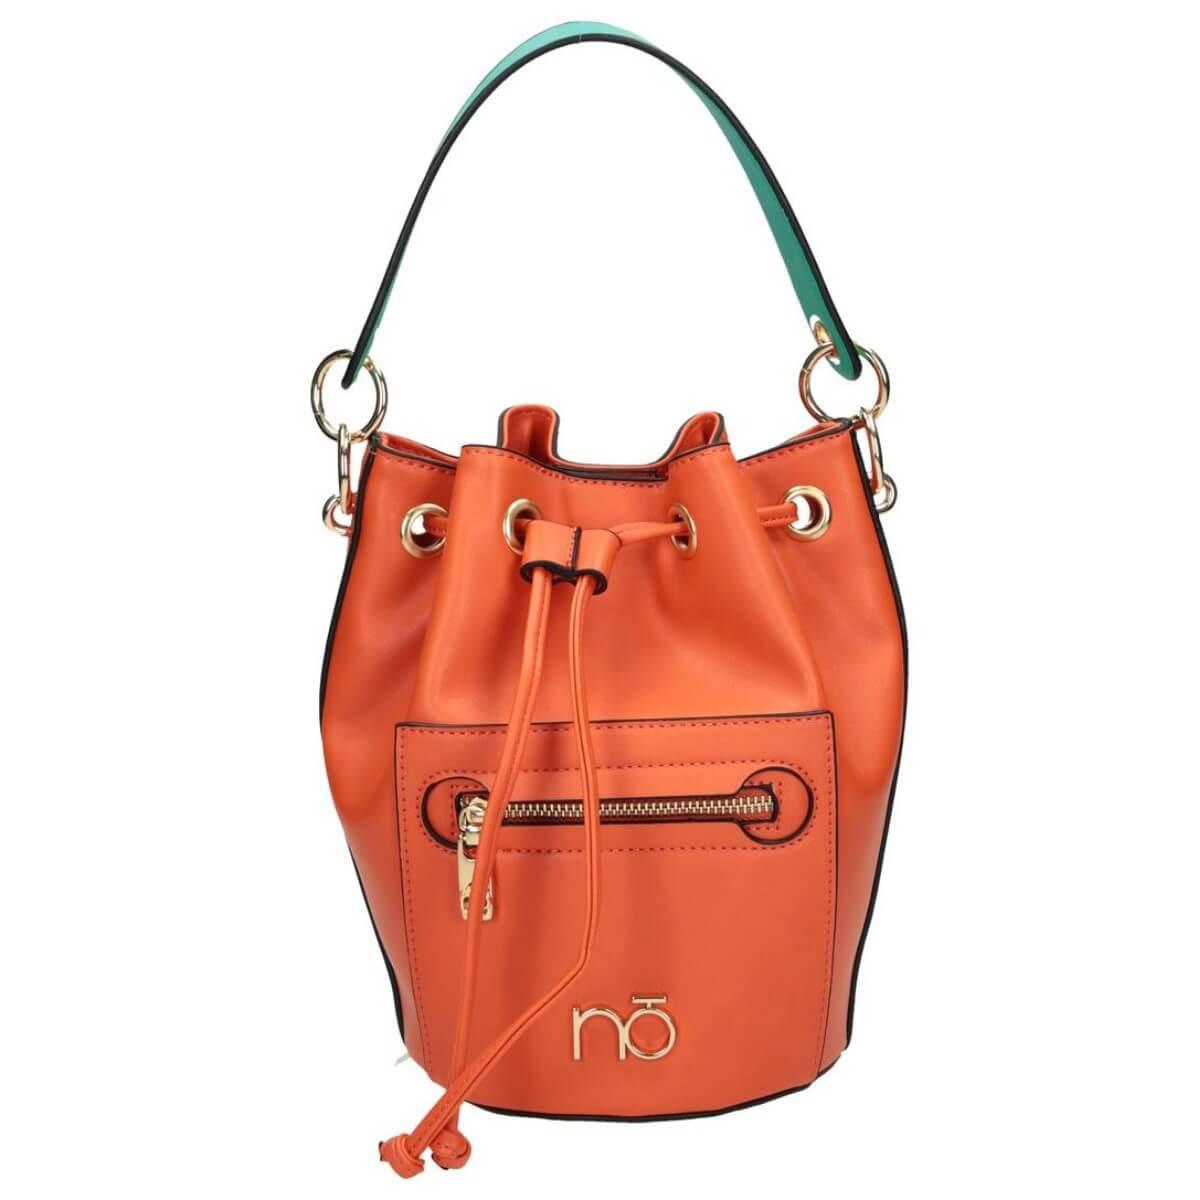 Nobo Woman's Bag NBAG-I0640-C003